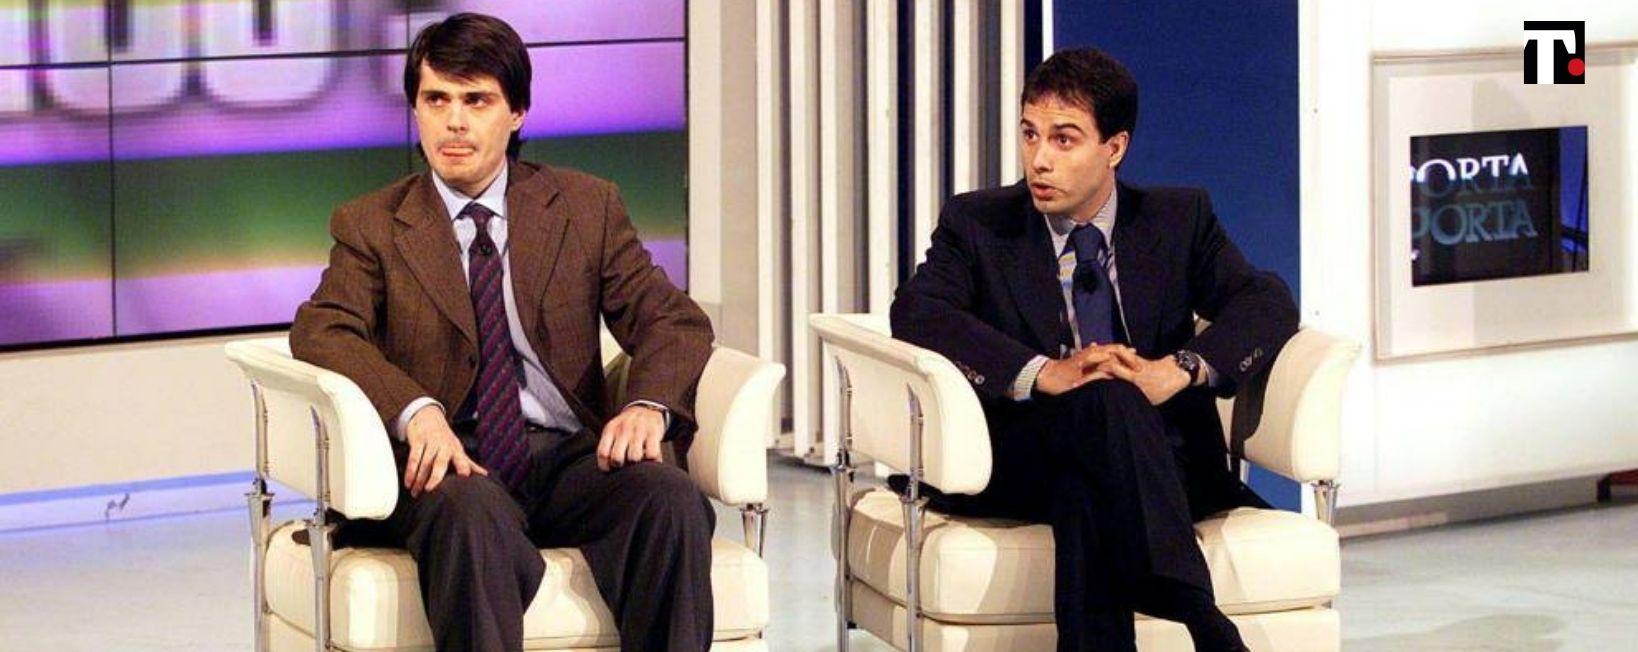 Giovanni Scattone e Salvatore Ferraro oggi